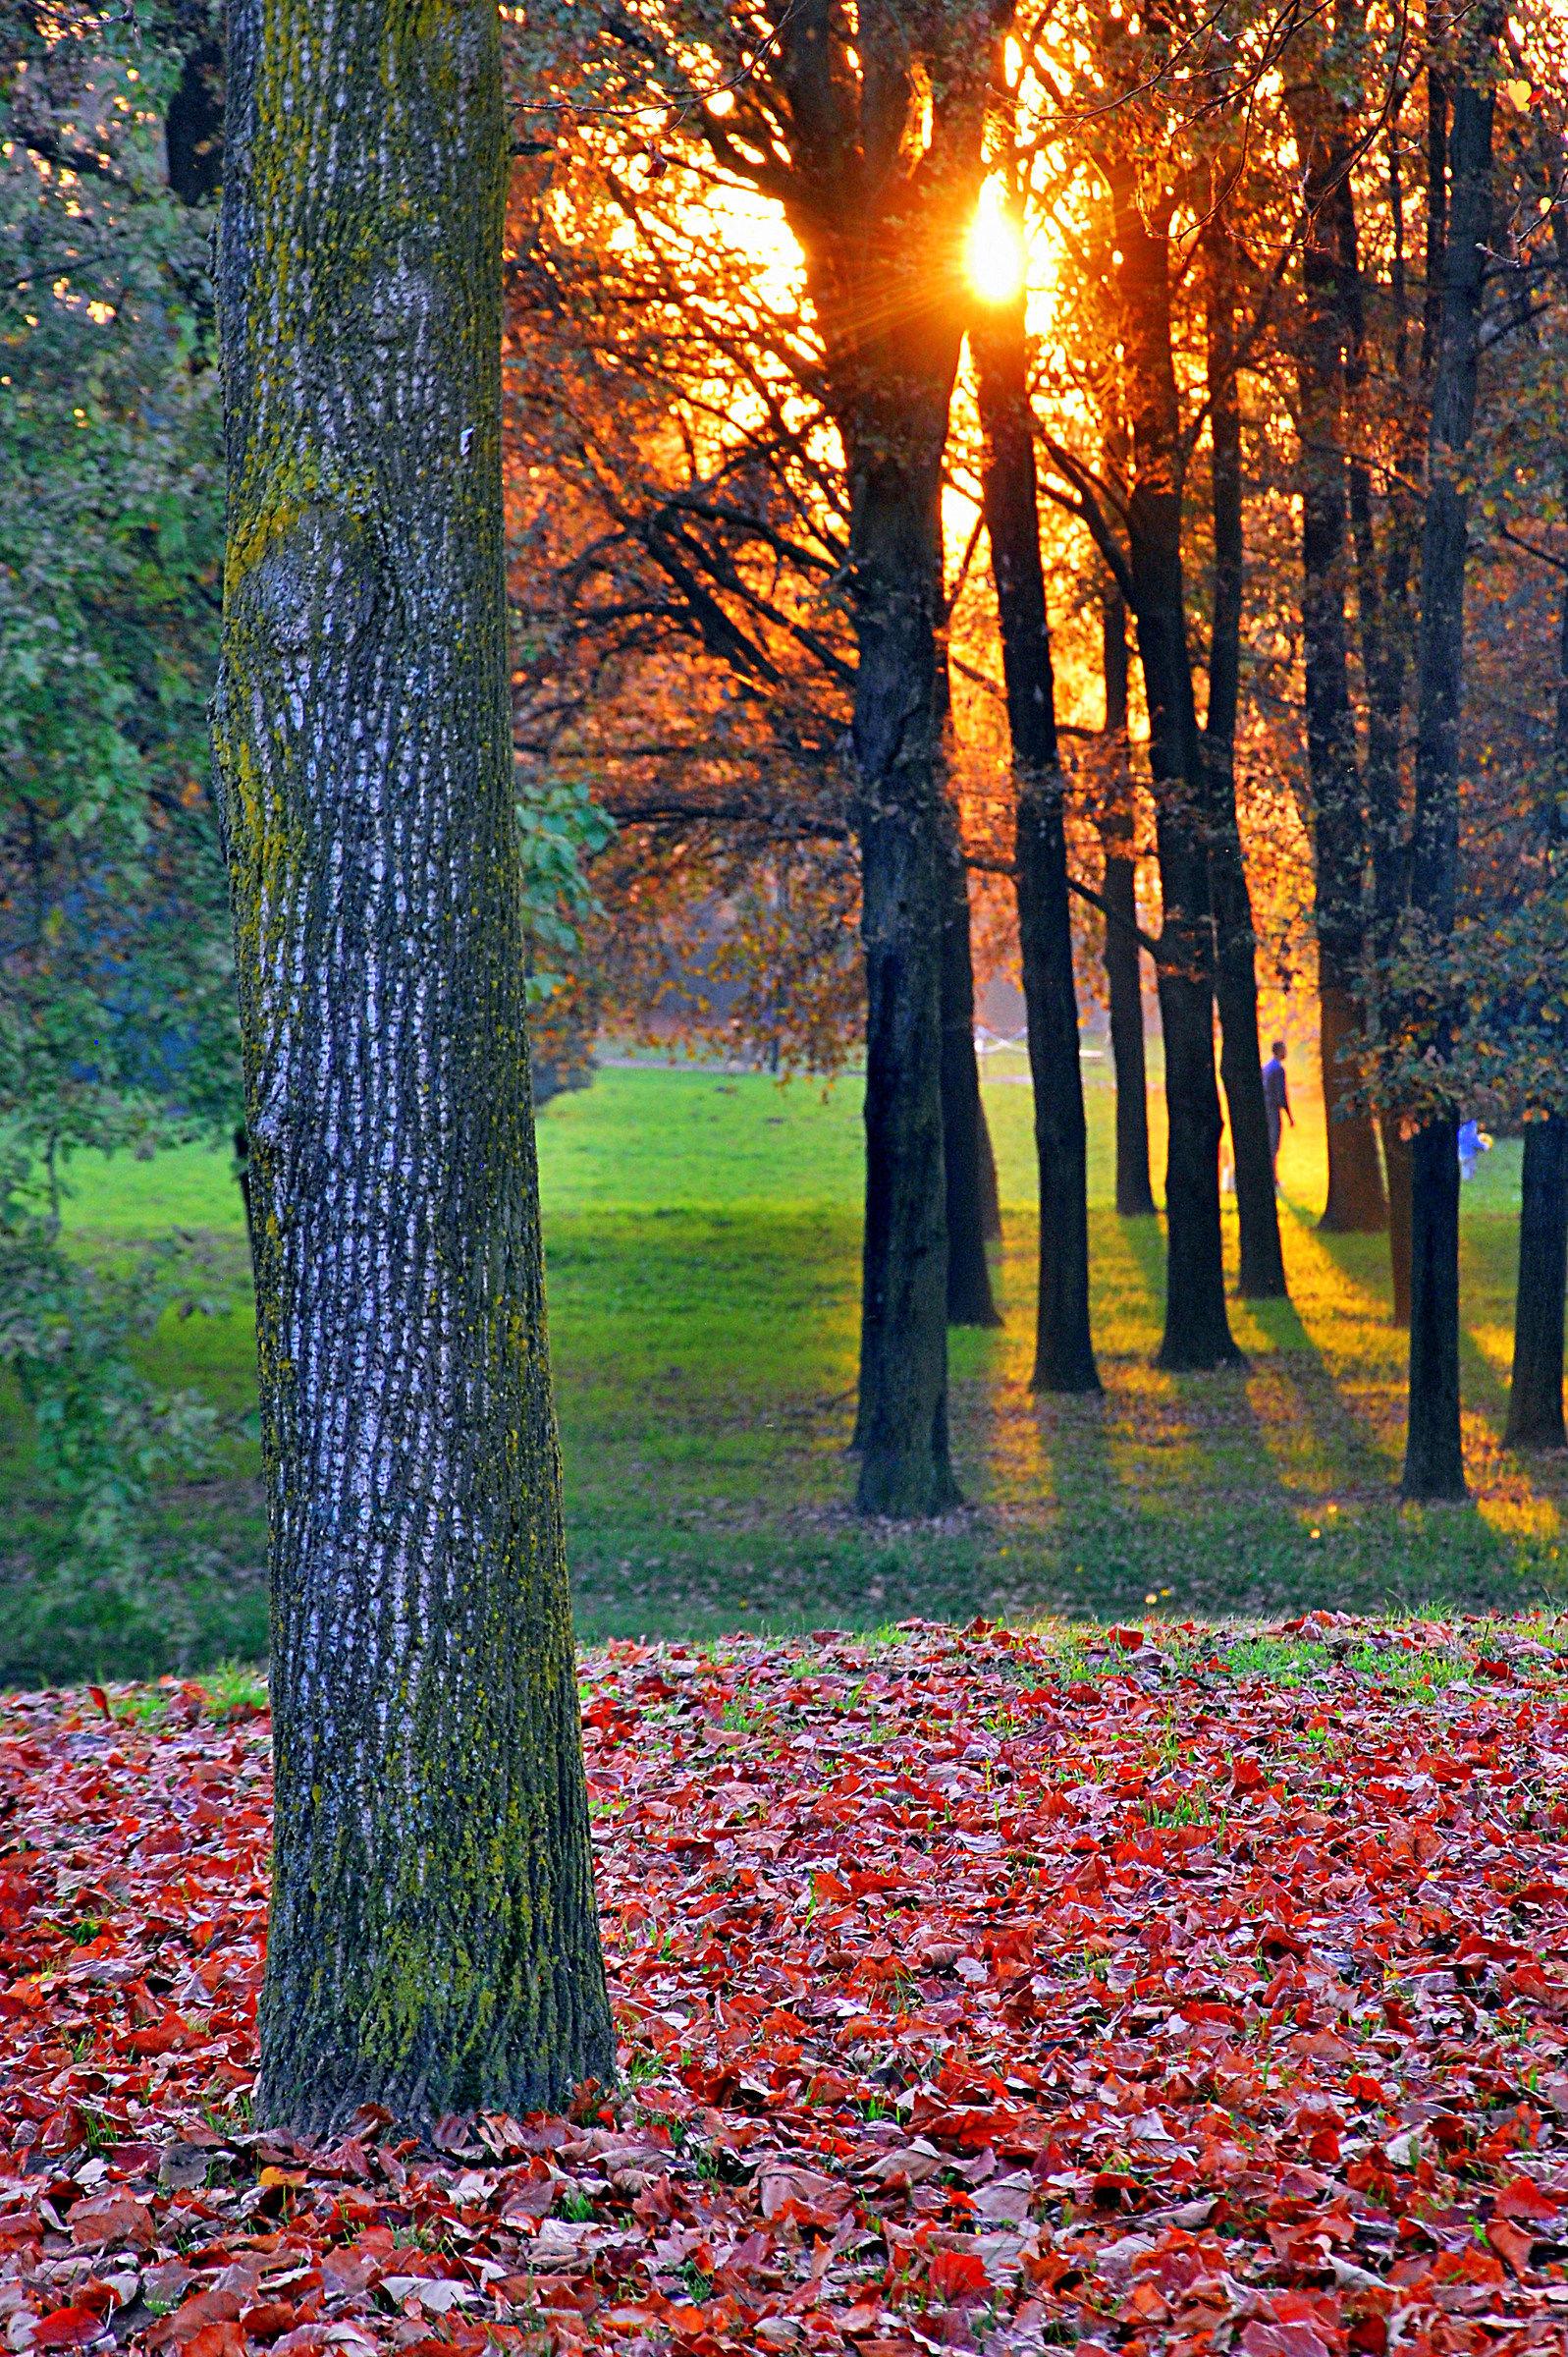 Autumn sunset at Pellerina Park...